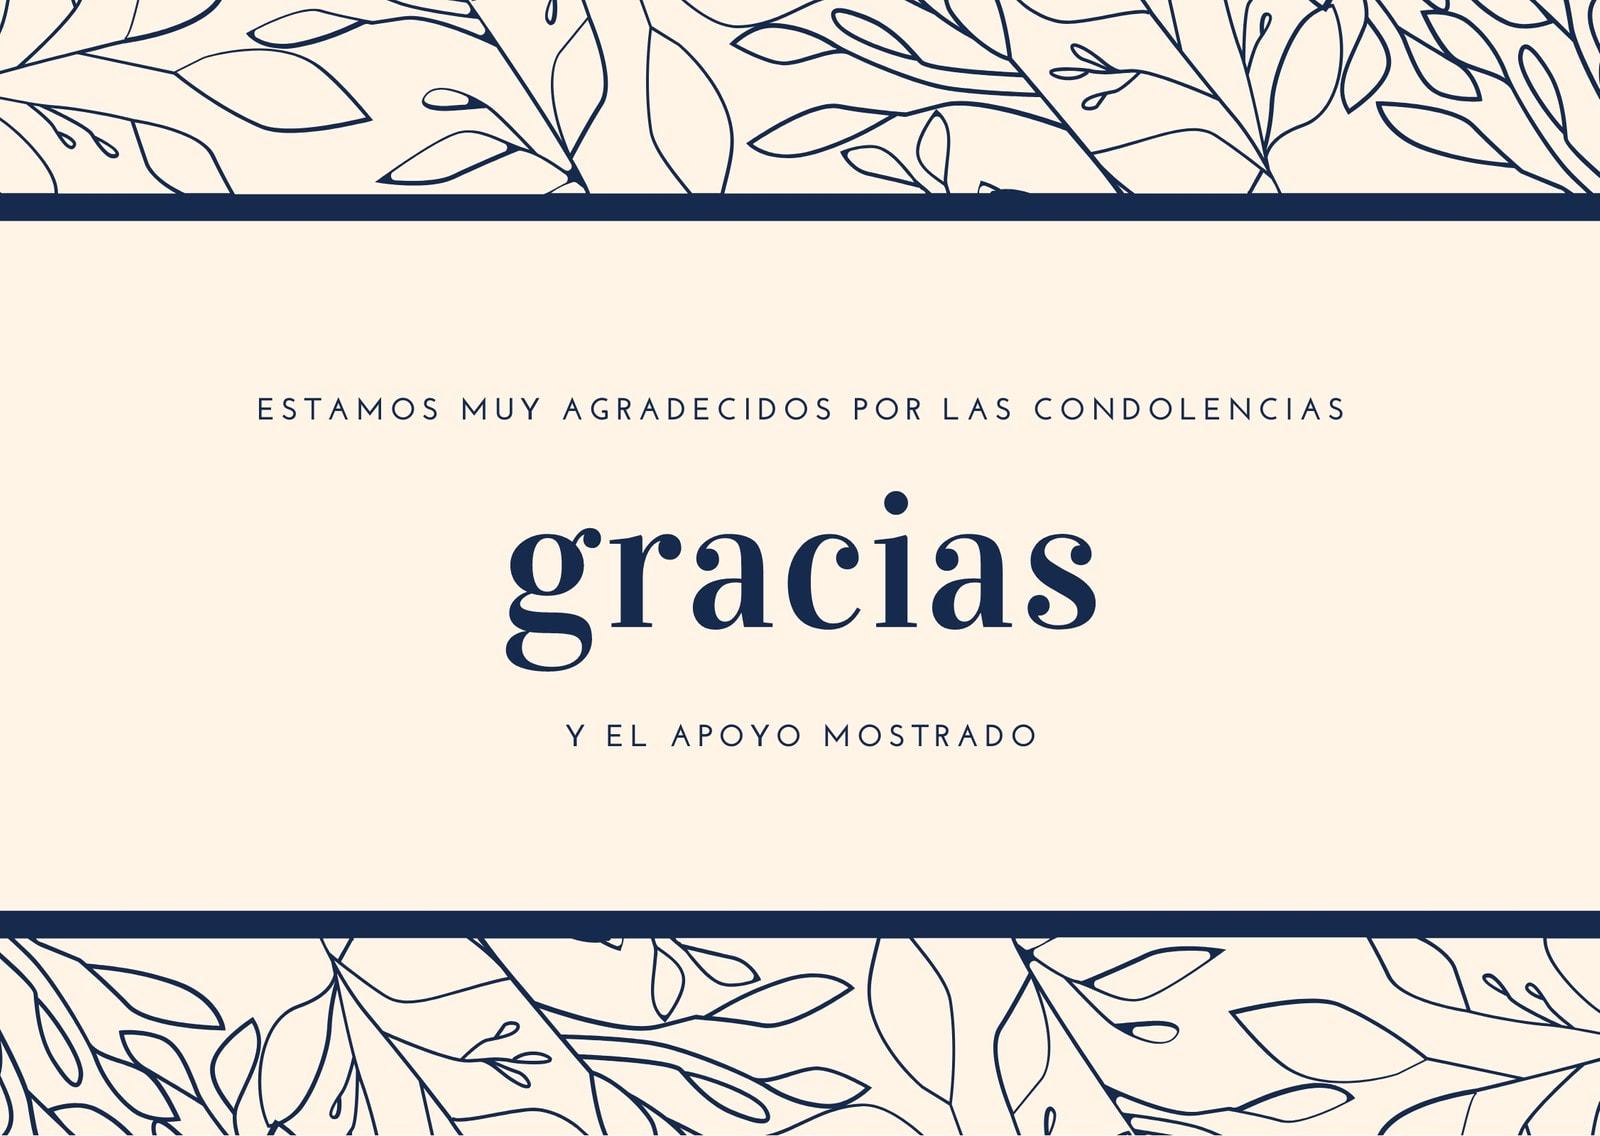 Crema y Azul Marino Hojas con Borde Condolencias Agradecimiento Tarjeta